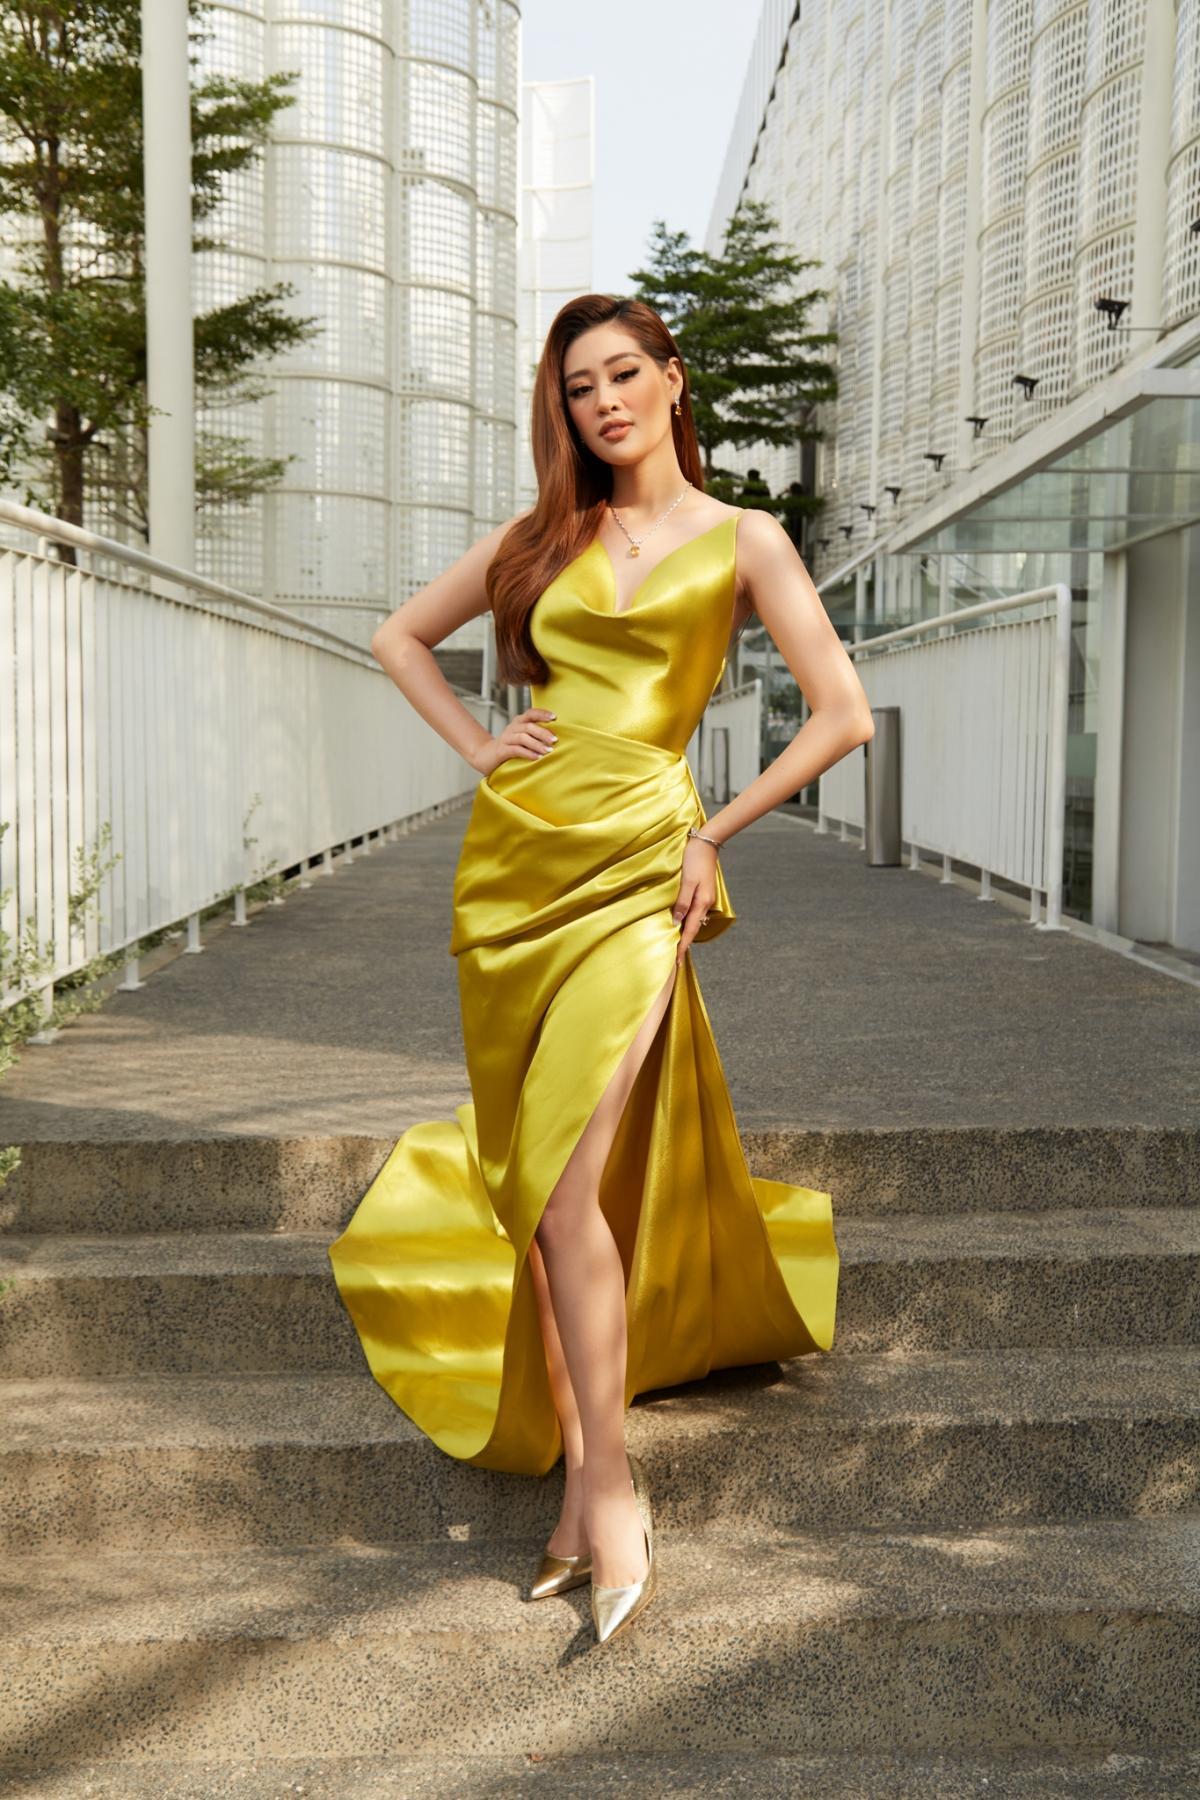 Hoa hậu Khánh Vân xinh đẹp nổi bật với đầm vàng gợi cảm đi dự sự kiện Ảnh 2